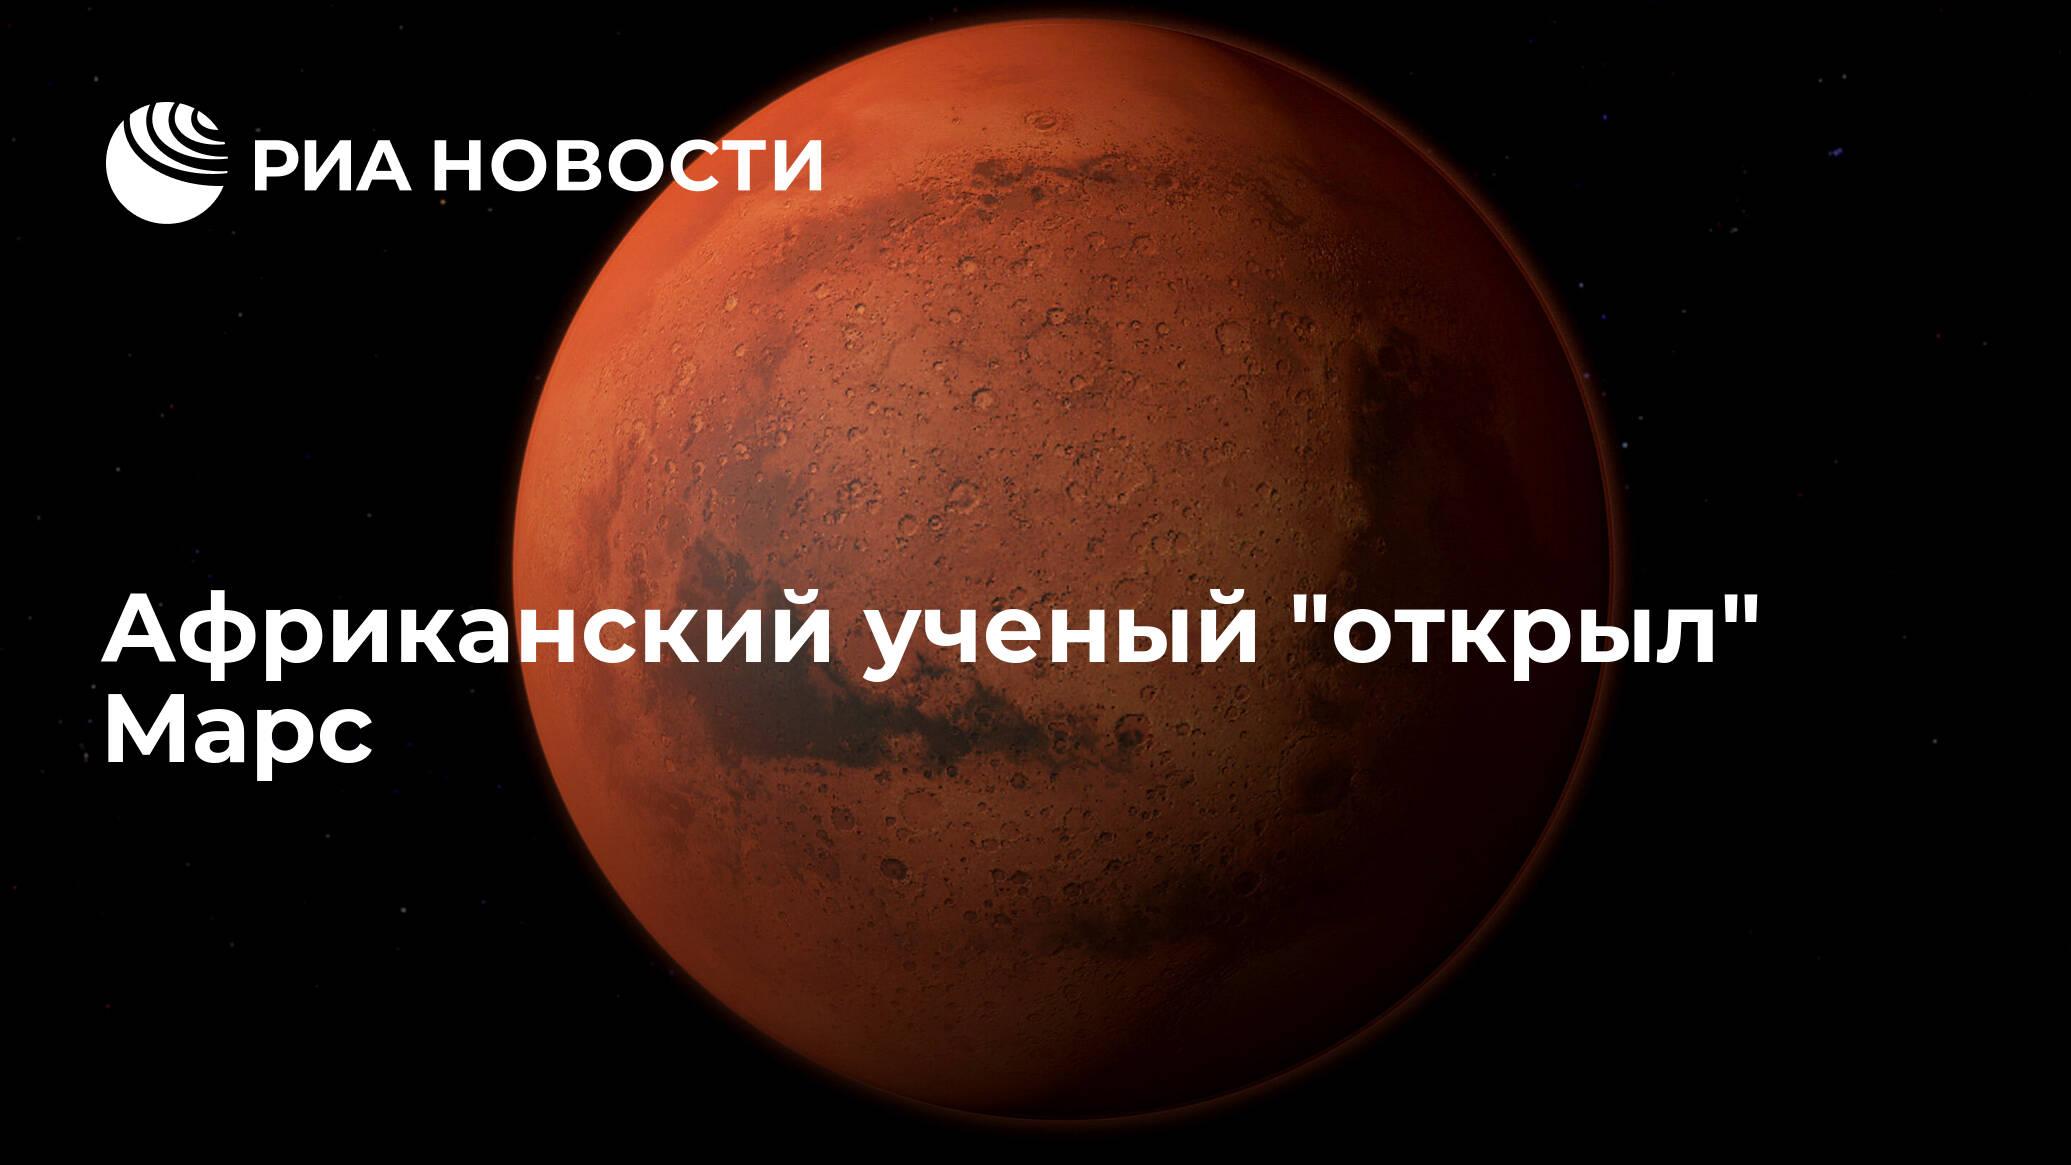 """Африканский ученый """"открыл"""" Марс - РИА Новости, 22.03.2018"""